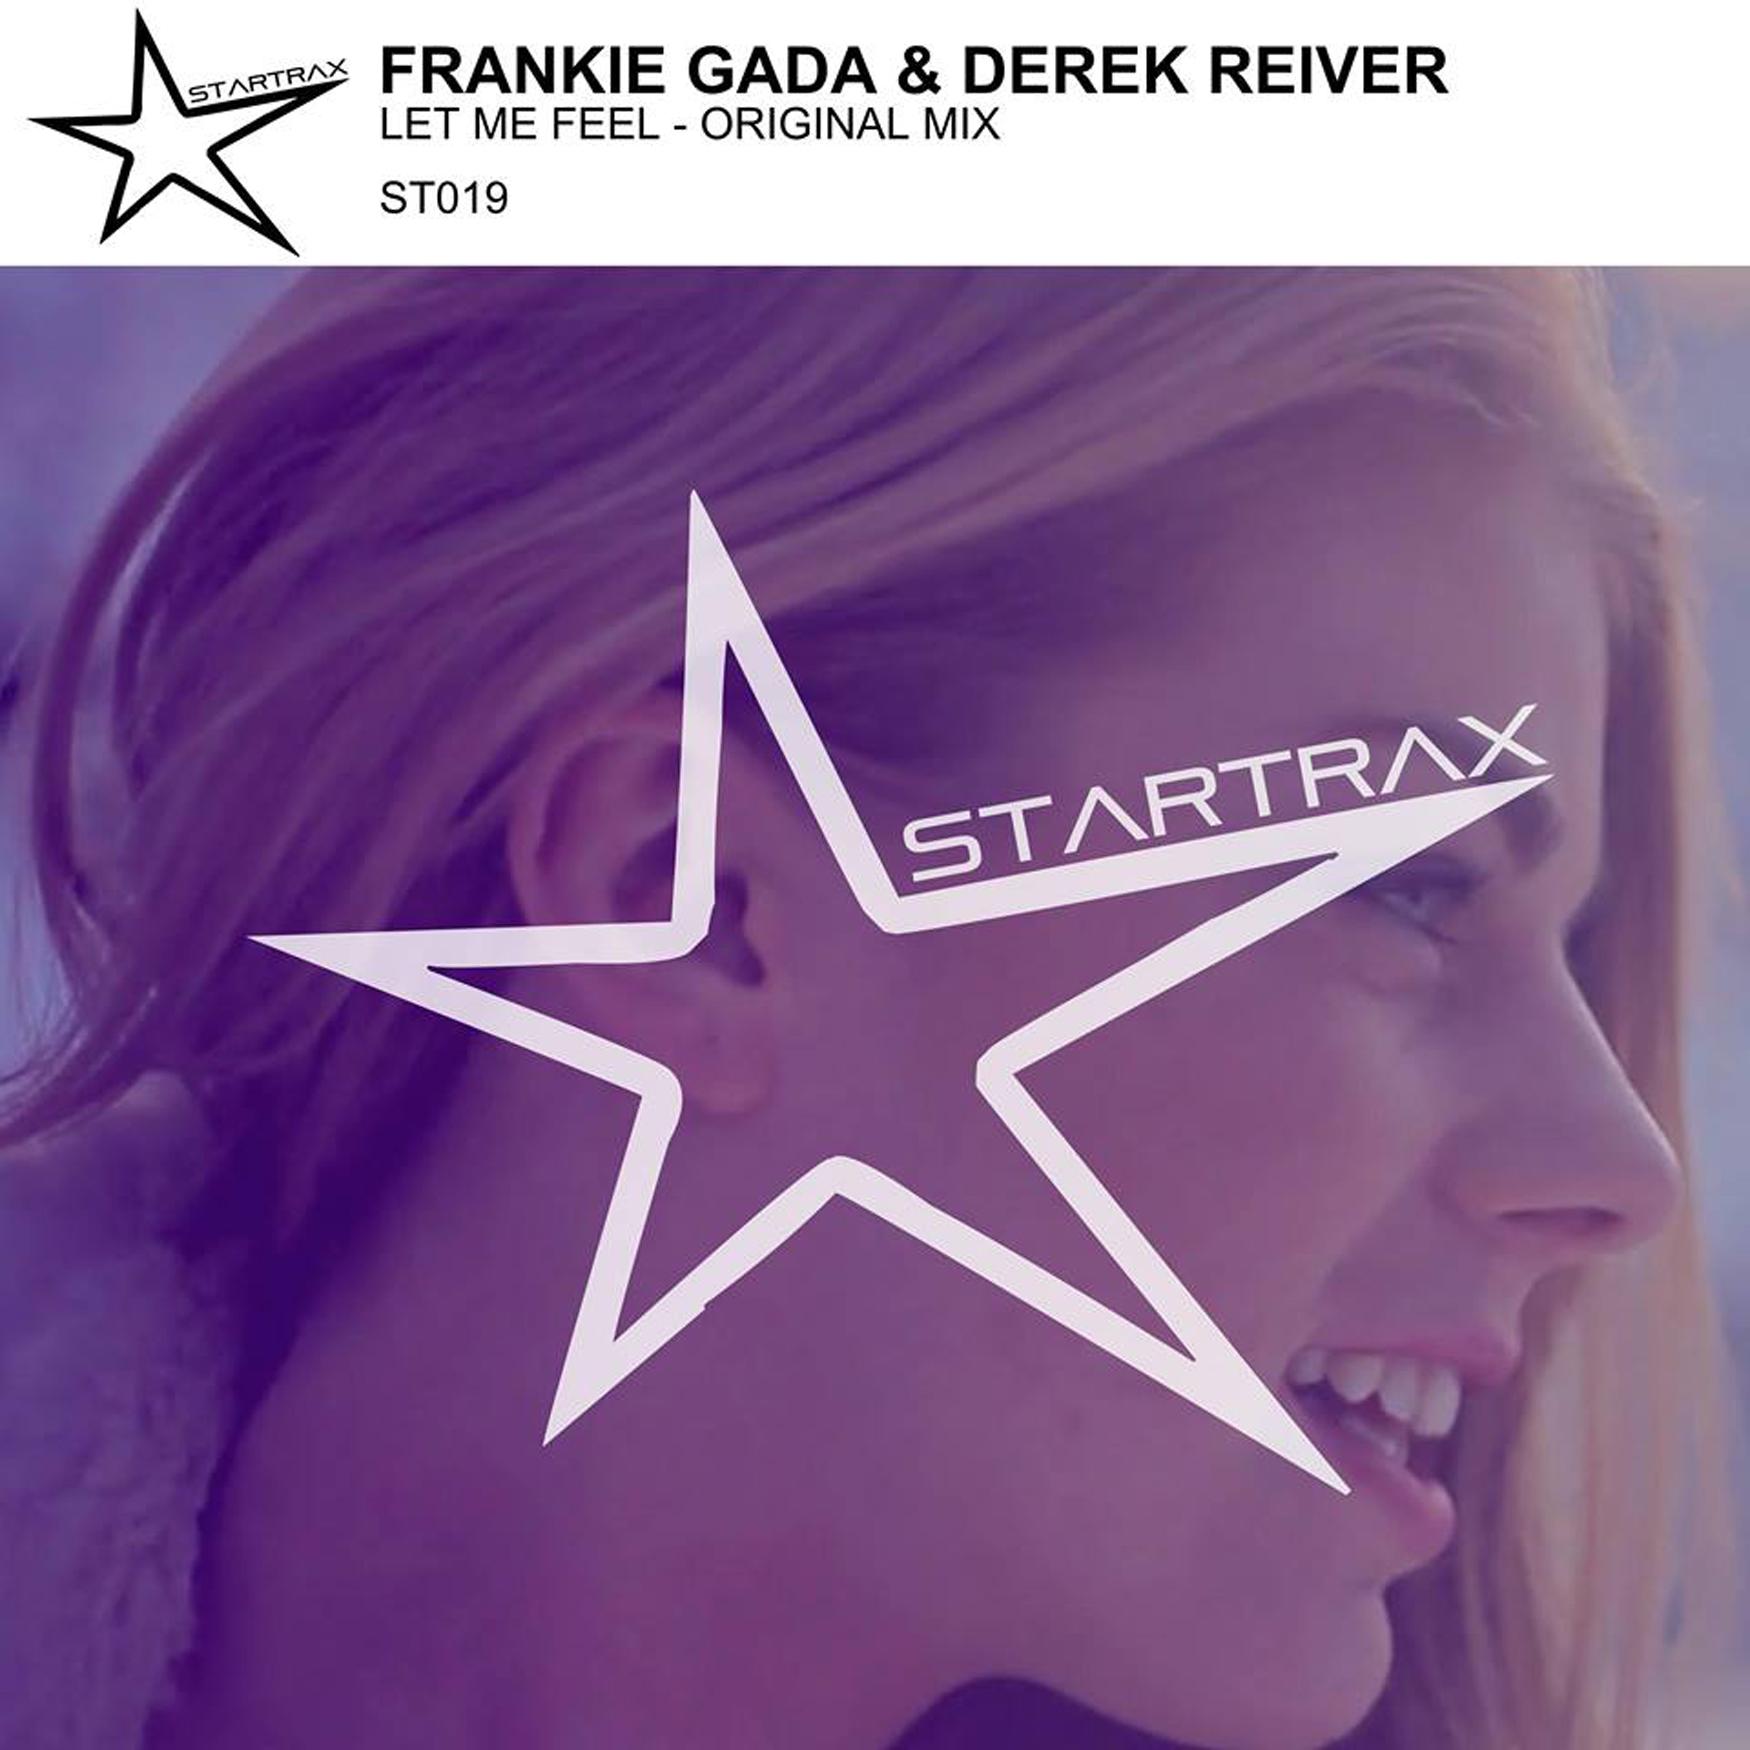 Frankie Gada & Derek Reiver - Let Me Feel